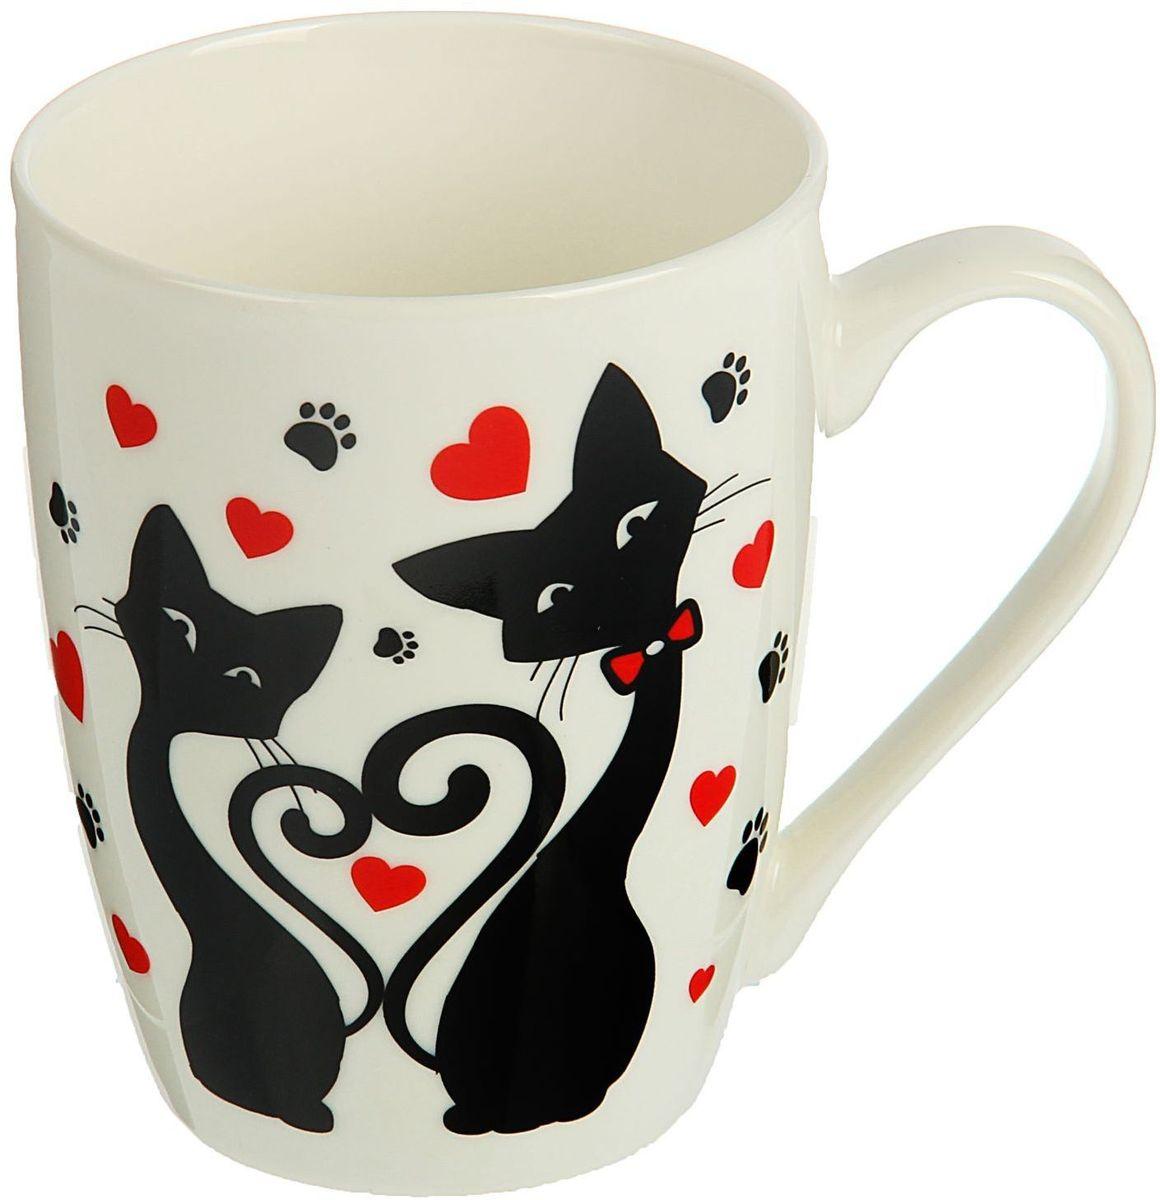 Кружка Доляна Кошачья любовь, 350 мл391602Кружка Доляна Кошачья любовь изготовлена из керамики. Она украшена оригинальным рисунком с кошками.Кружка станет отличным подарком для родных и близких. Это любимый аксессуар на долгие годы. Относитесь к изделию бережно, и оно будет дарить прекрасное настроение каждый день.